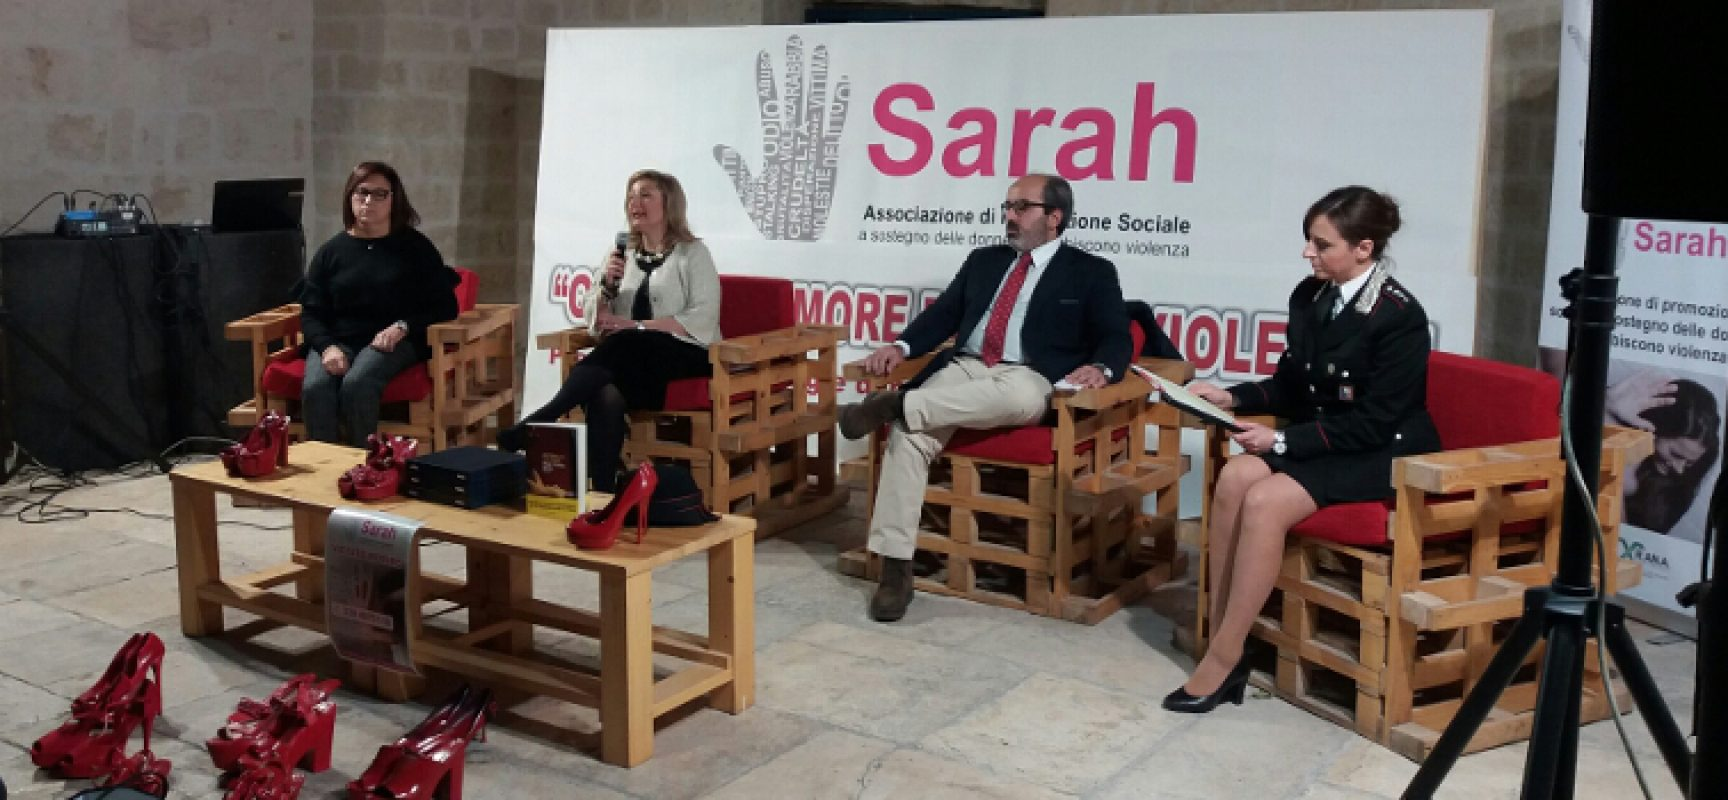 """Sarah, parte l'iniziativa """"Brutta Piega"""" a sostegno delle donne maltrattate"""